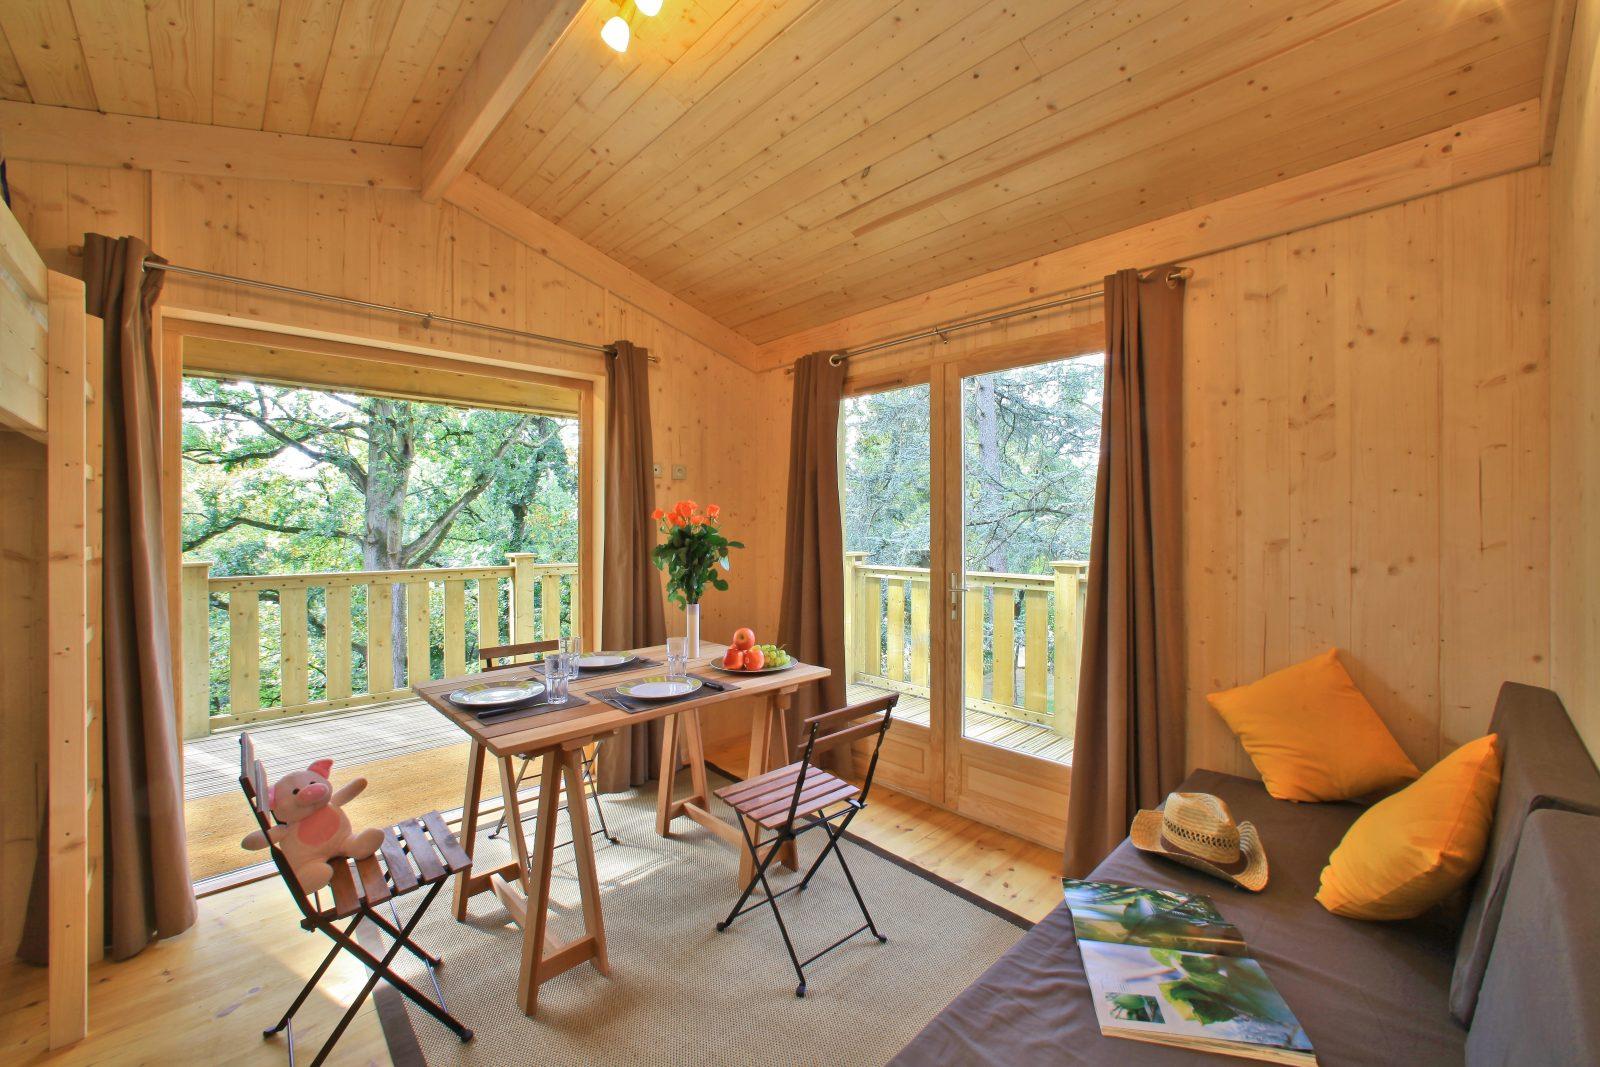 Albirondack Camping Tarn Cabane perchée intérieur